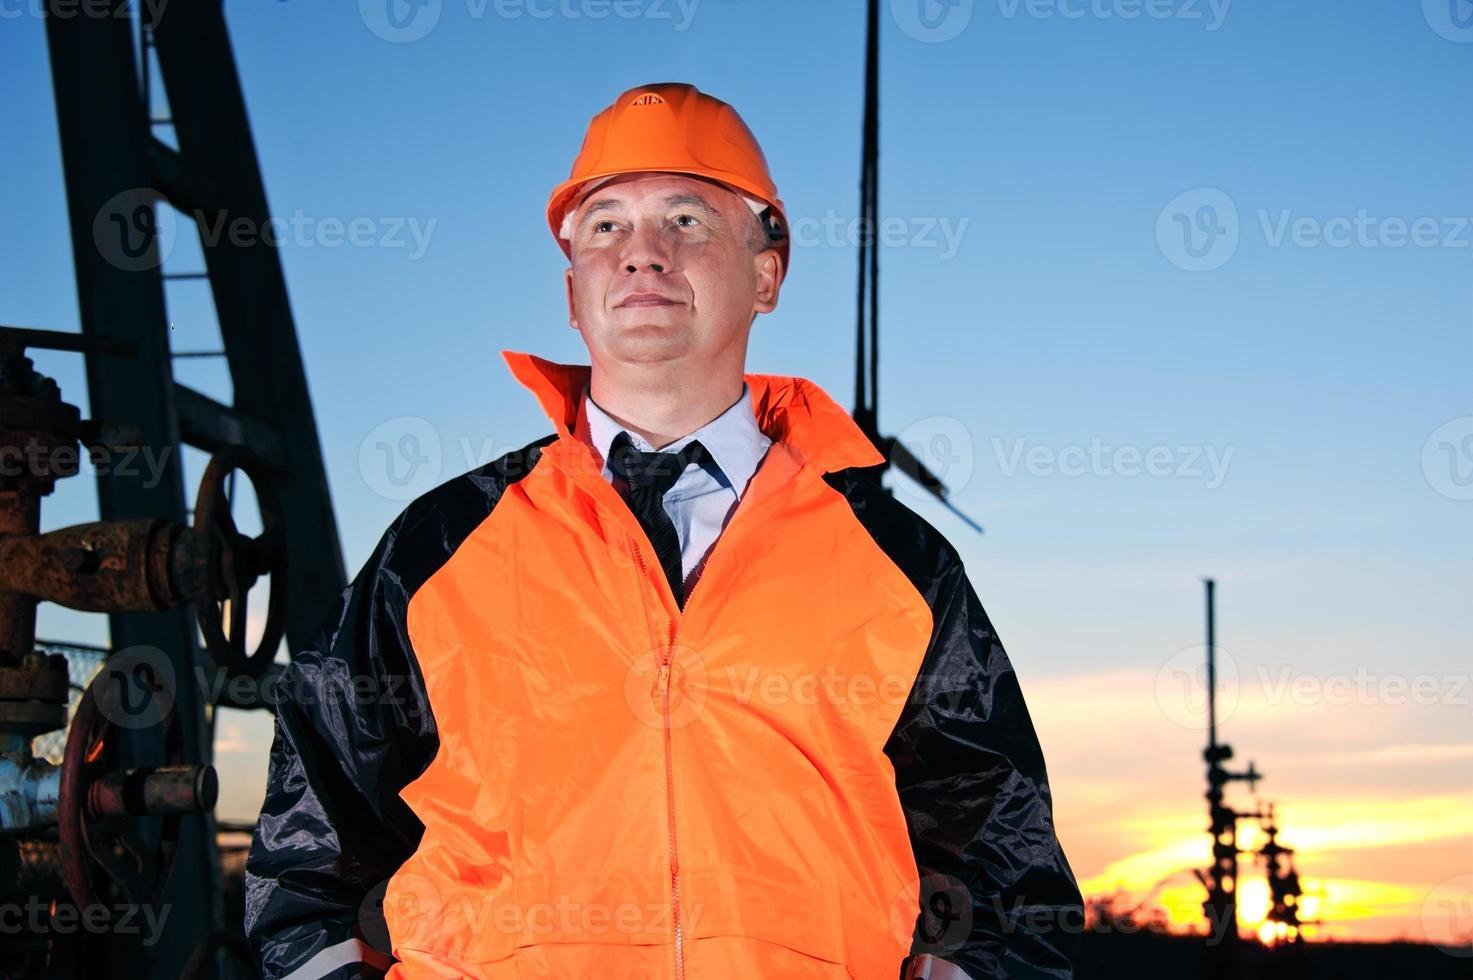 ingenjör i ett oljefält foto